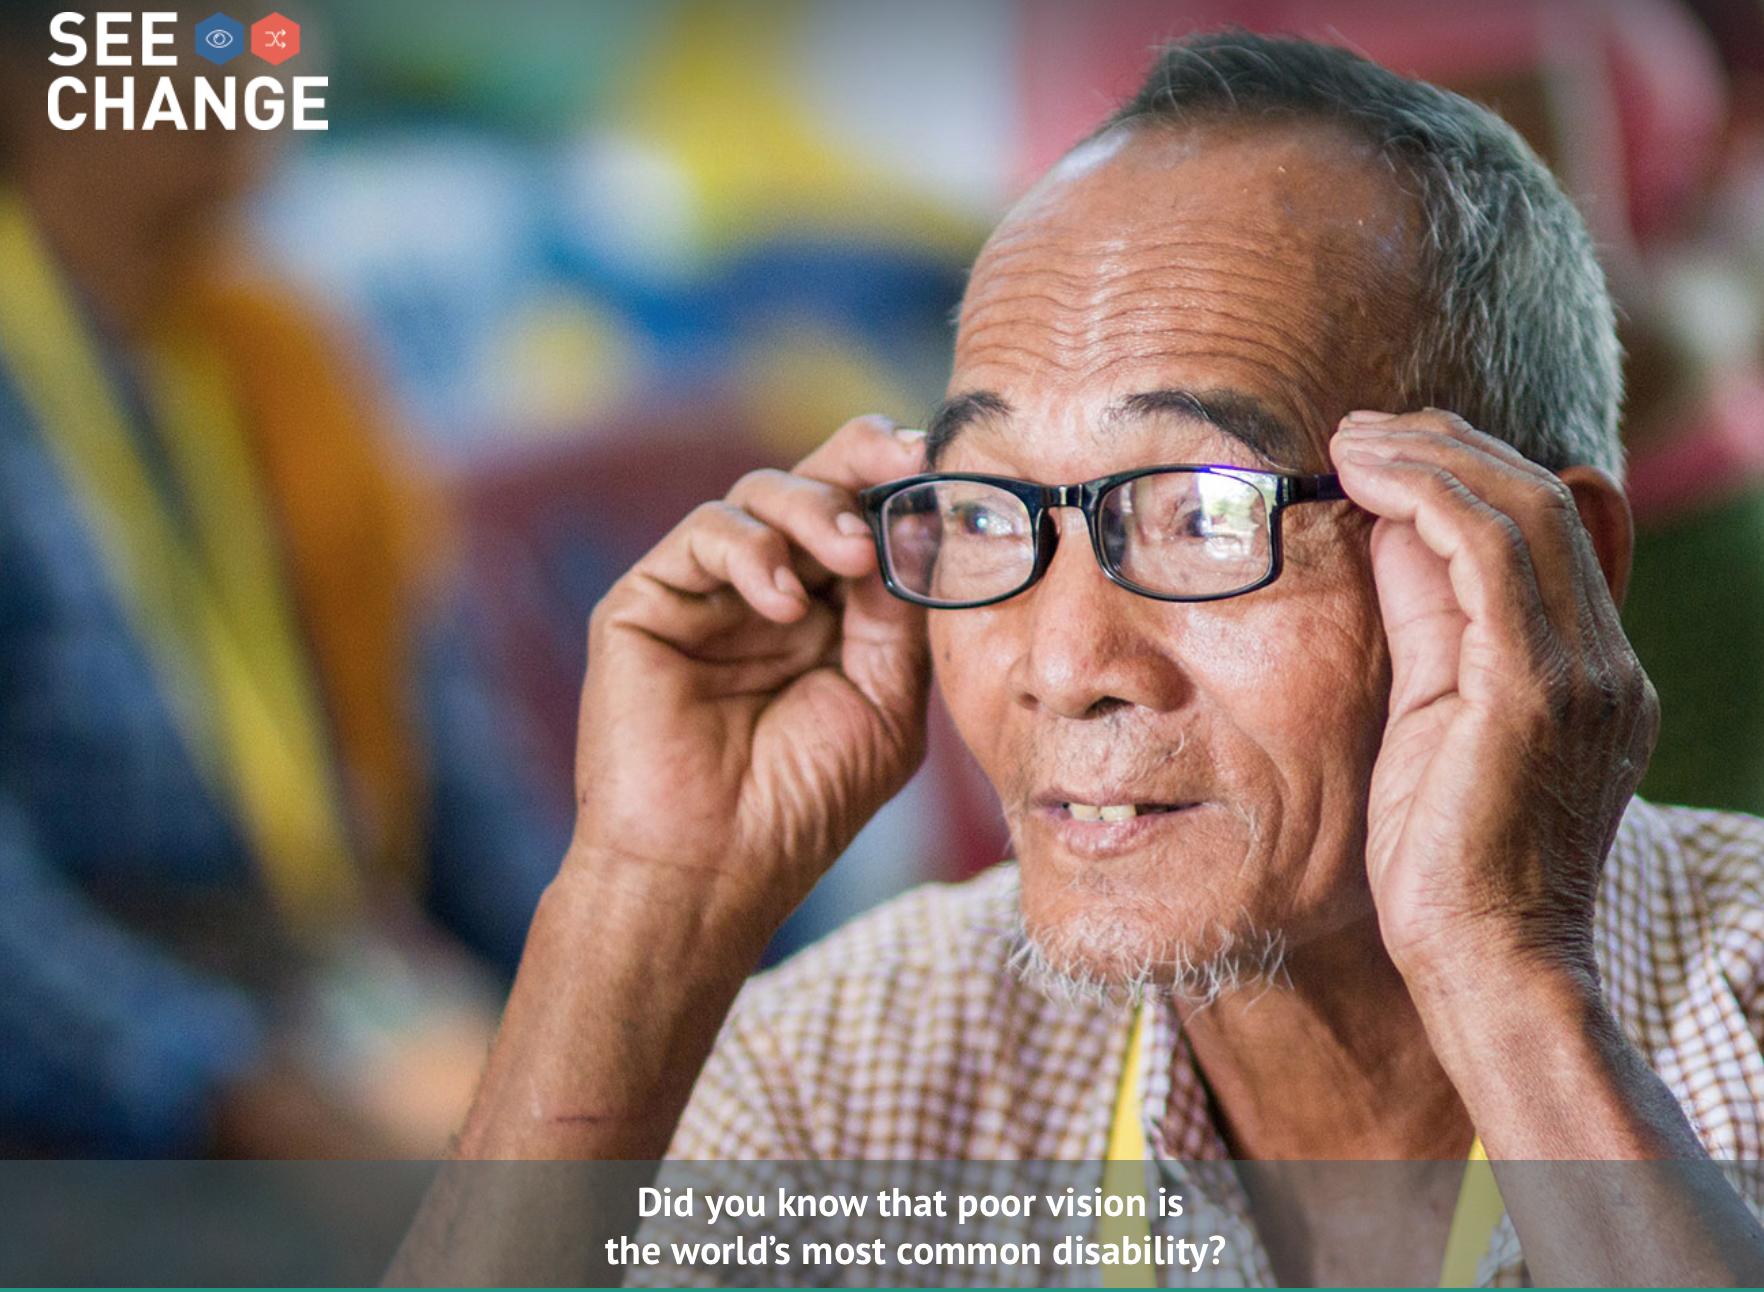 Essilor See Change, the lenses manufacturer, serves ...